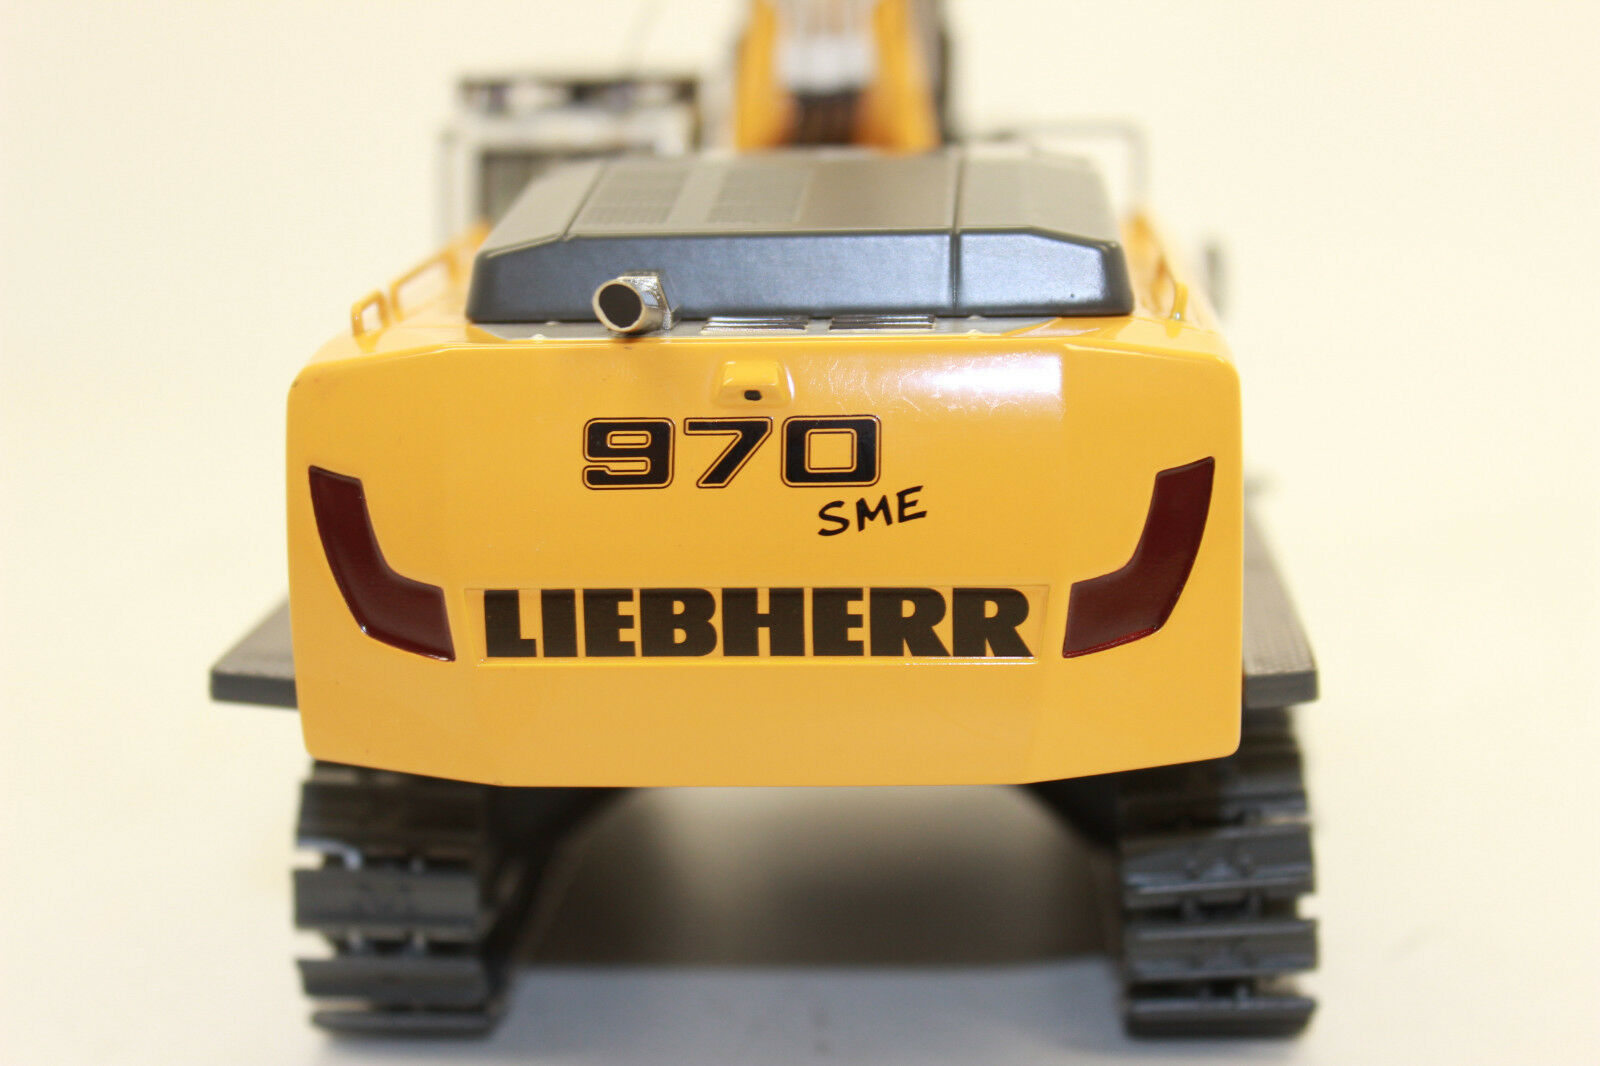 WSI 04-1047 Liebherr R 970 IN GIALLO catene Escavatore SME 04-1047 1 50 NUOVO IN 970 SCATOLA ORIGINALE 4f7b47